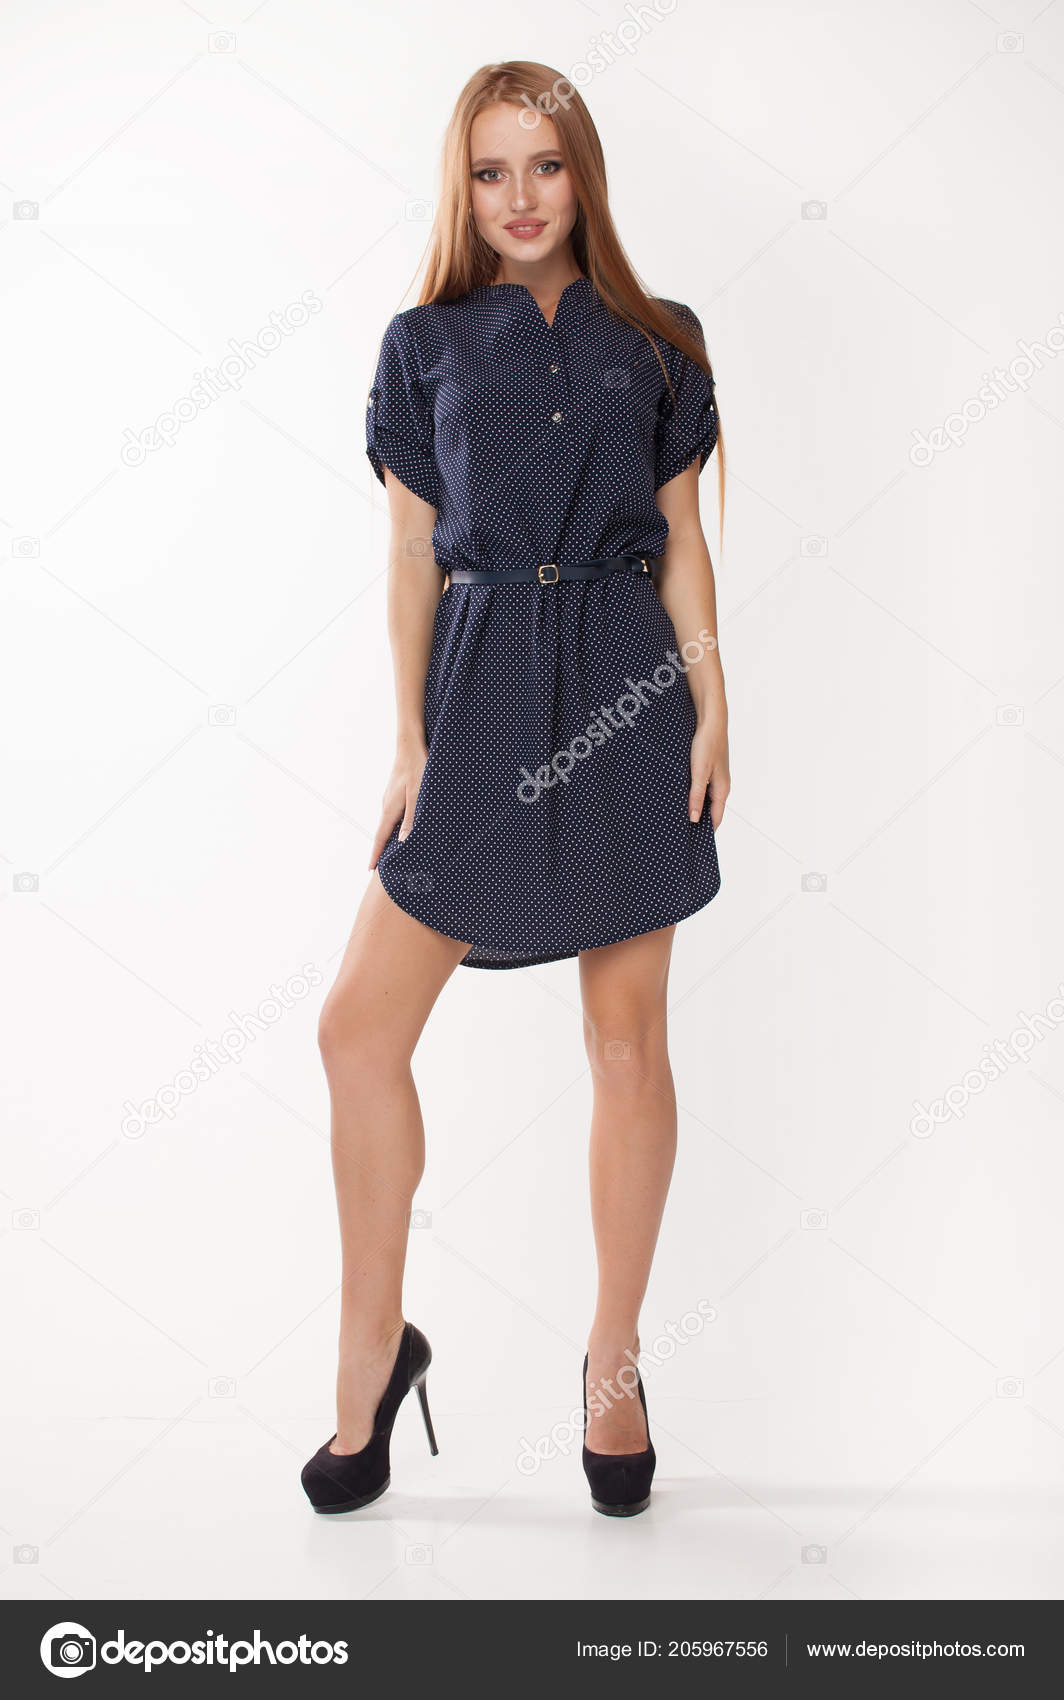 fc041ba8f515 Ritratto di una ragazza bellissima in un abito estivo leggero. isolato su  sfondo bianco– immagine stock